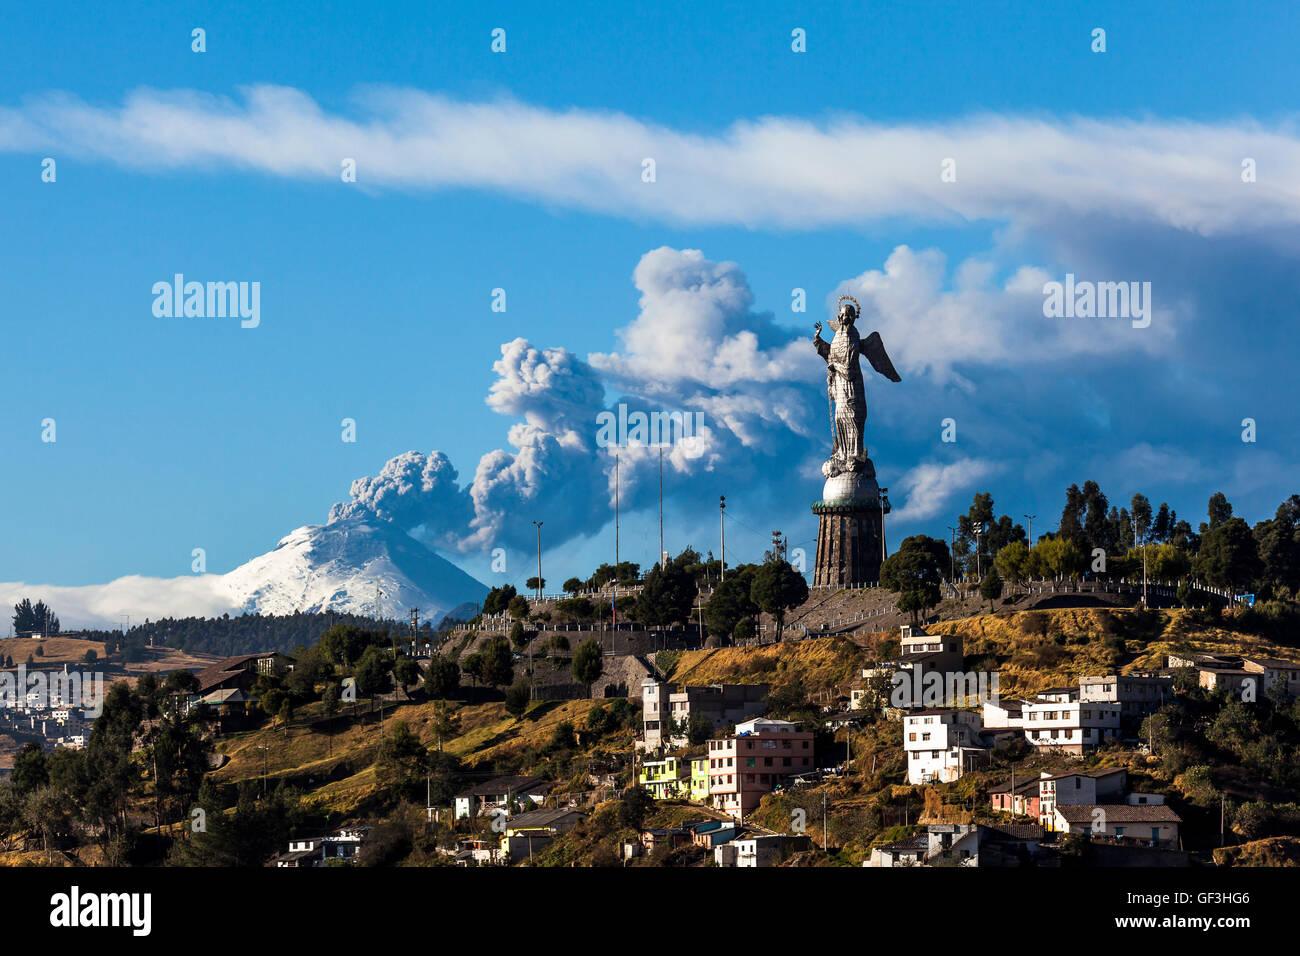 Cotopaxi volcano eruption and Panecillo's Madona seen from Quito, Ecuador - Stock Image